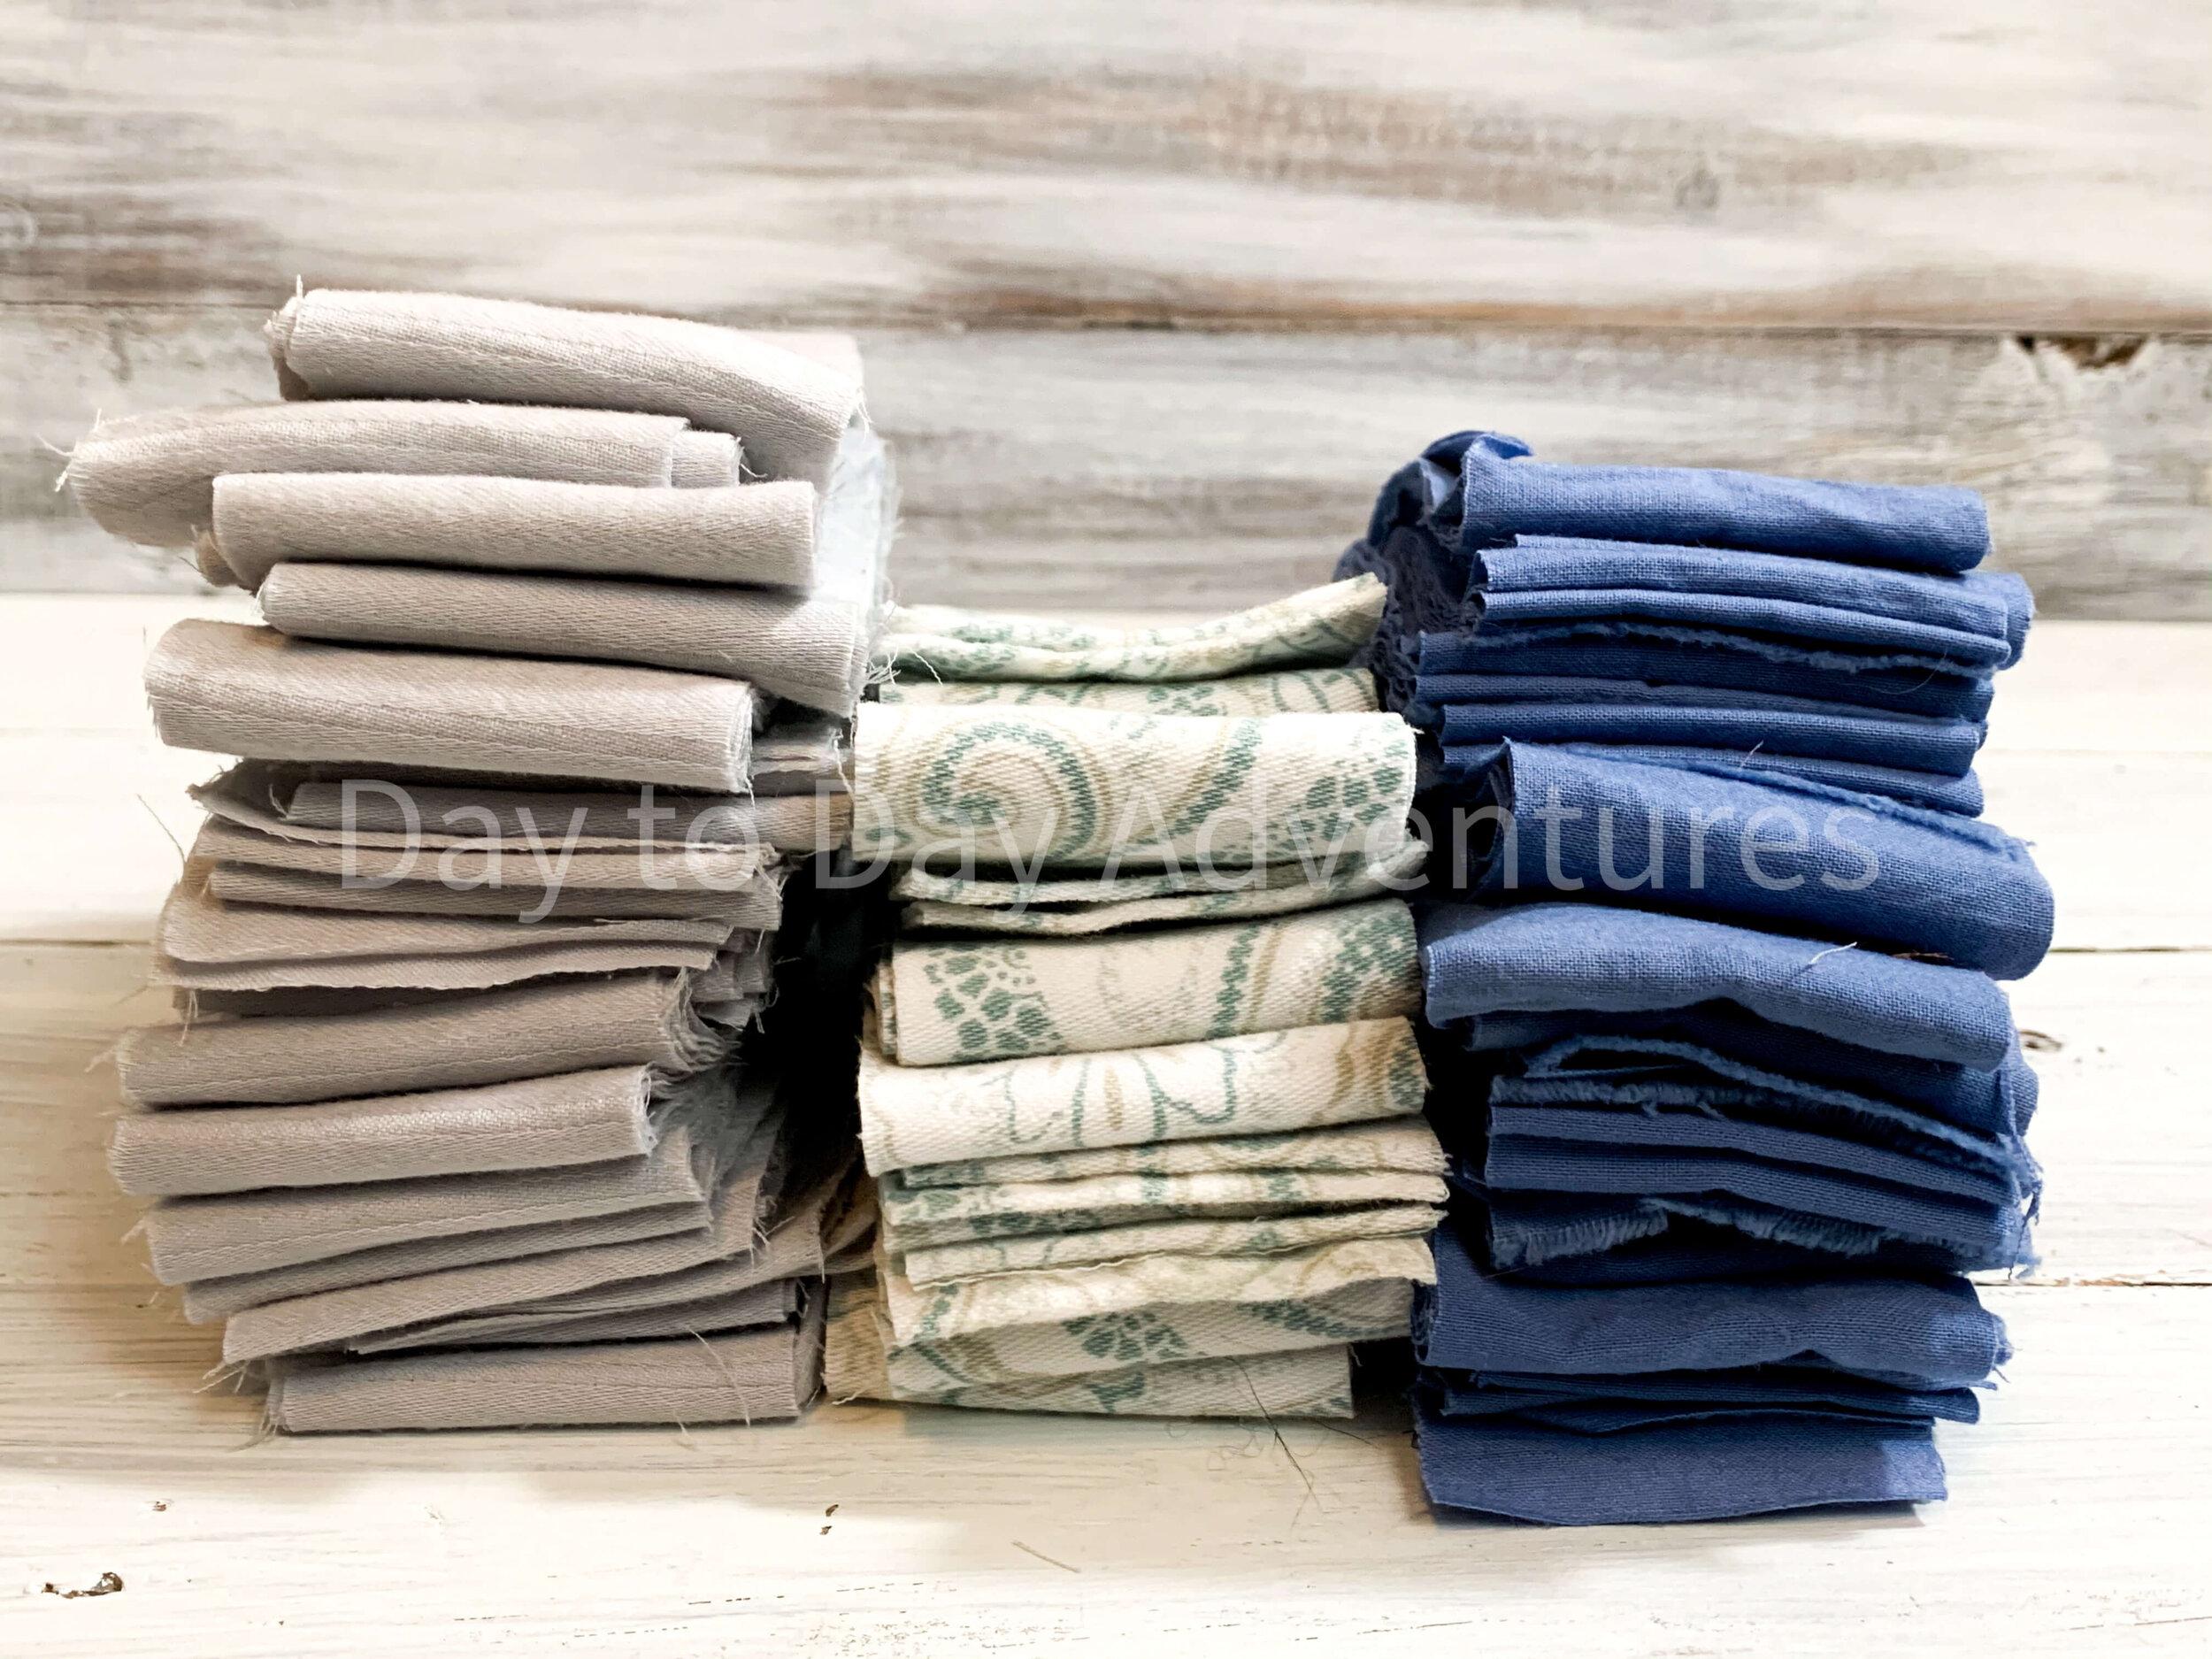 Fabric Do I Need To Make A Rag Rug